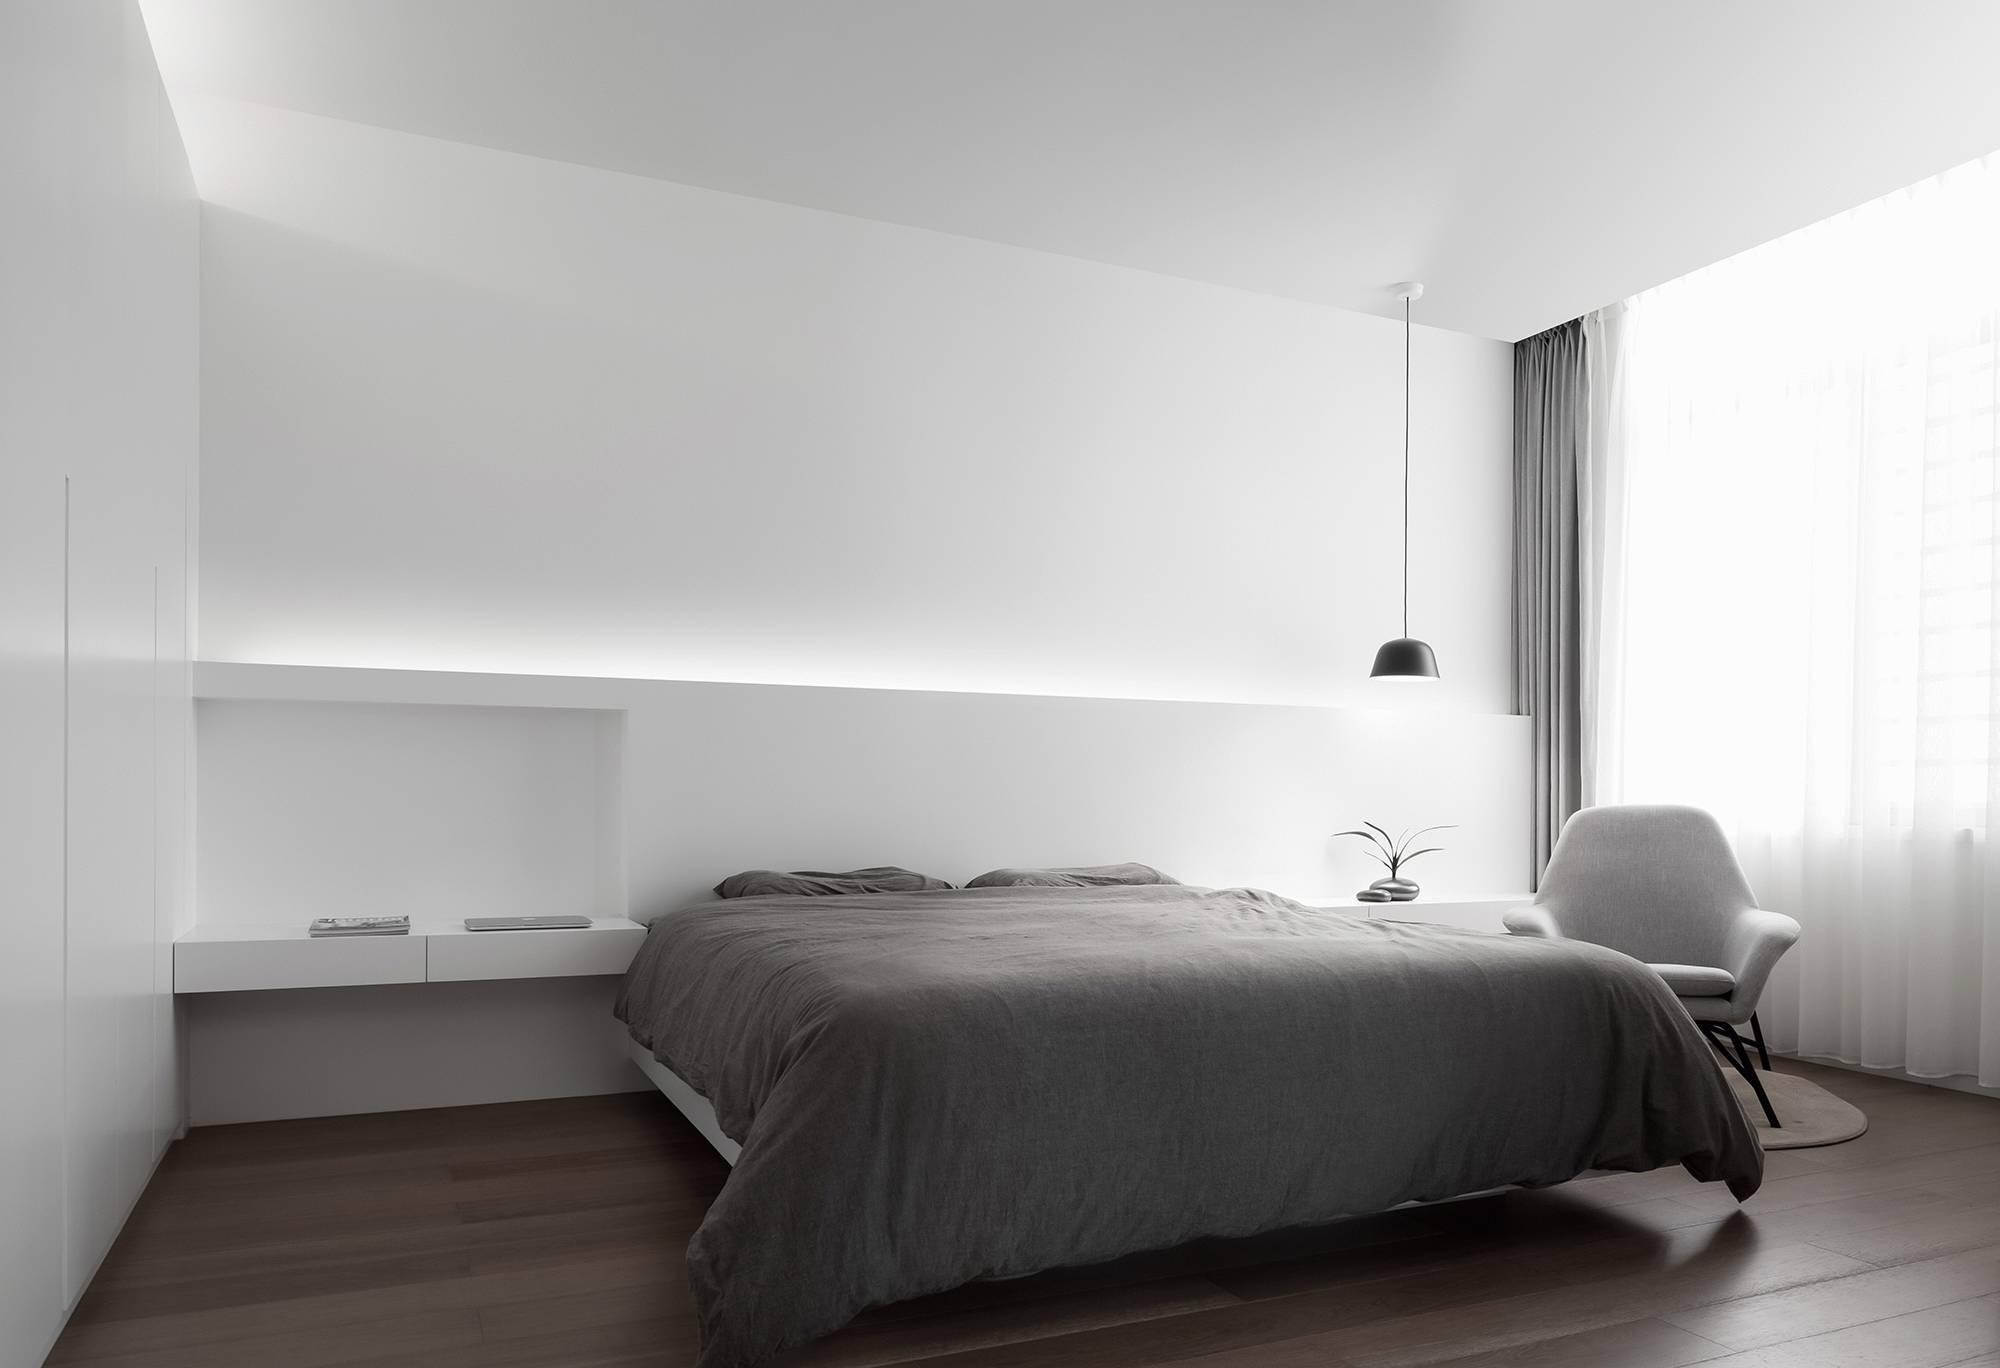 极简卧室黑白摄影白极简装修风格卧室图片2